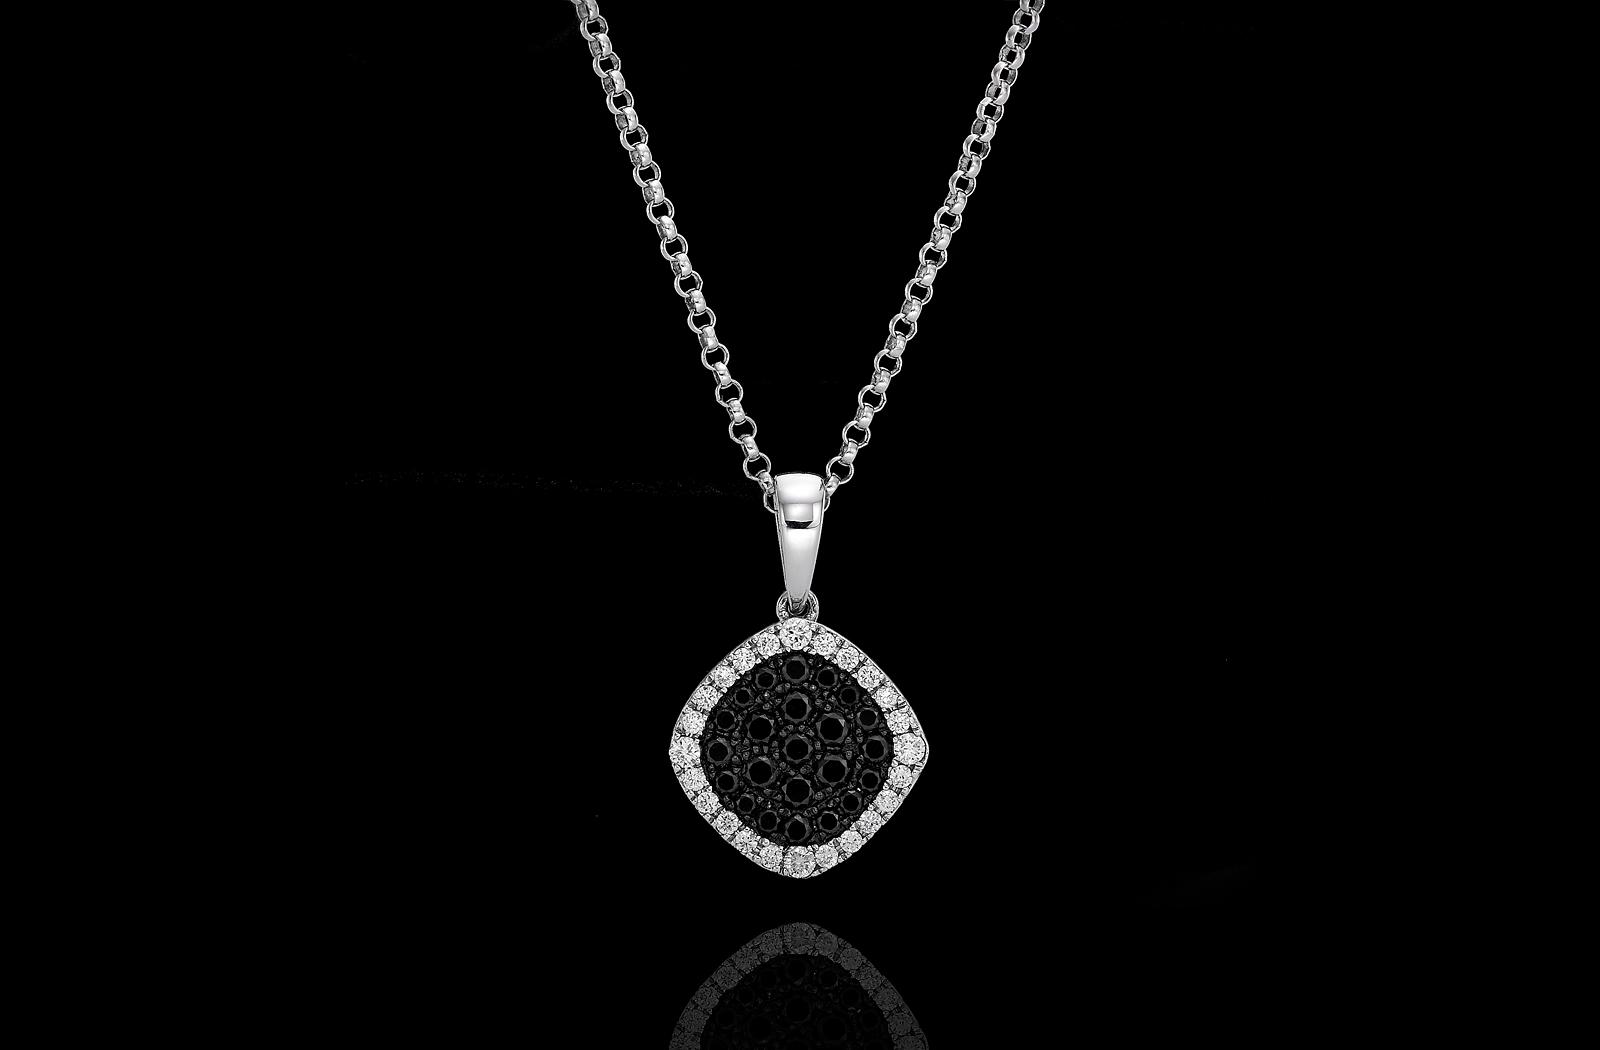 תליון יהלומים שחורים ולבנים בזהב לבן 18K